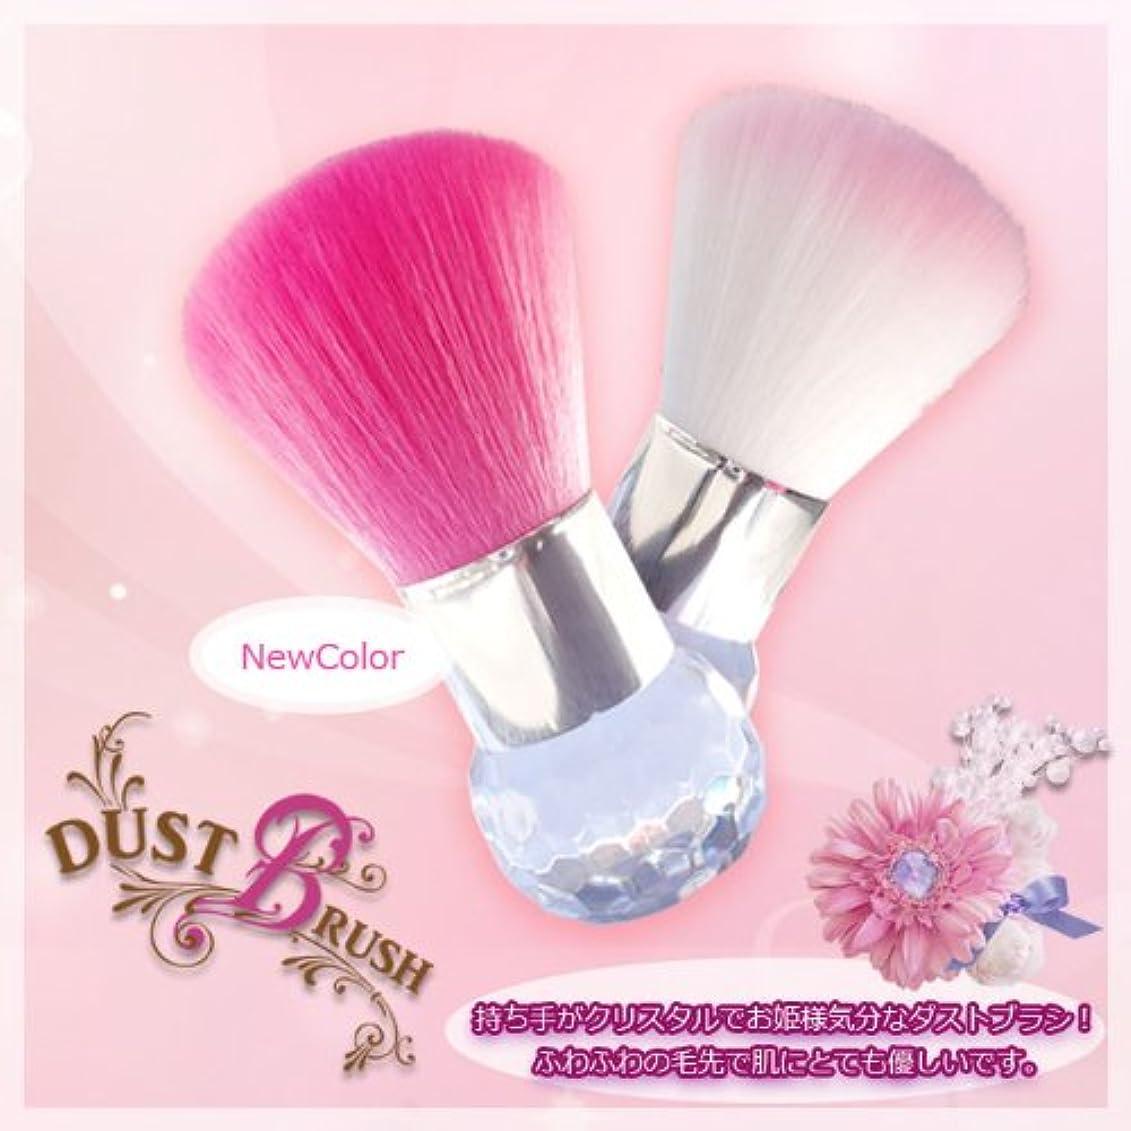 【ジェルネイル】ネイルダストブラシ〈 微粒子ナイロン製 〉2カラー (ホワイトピンク)